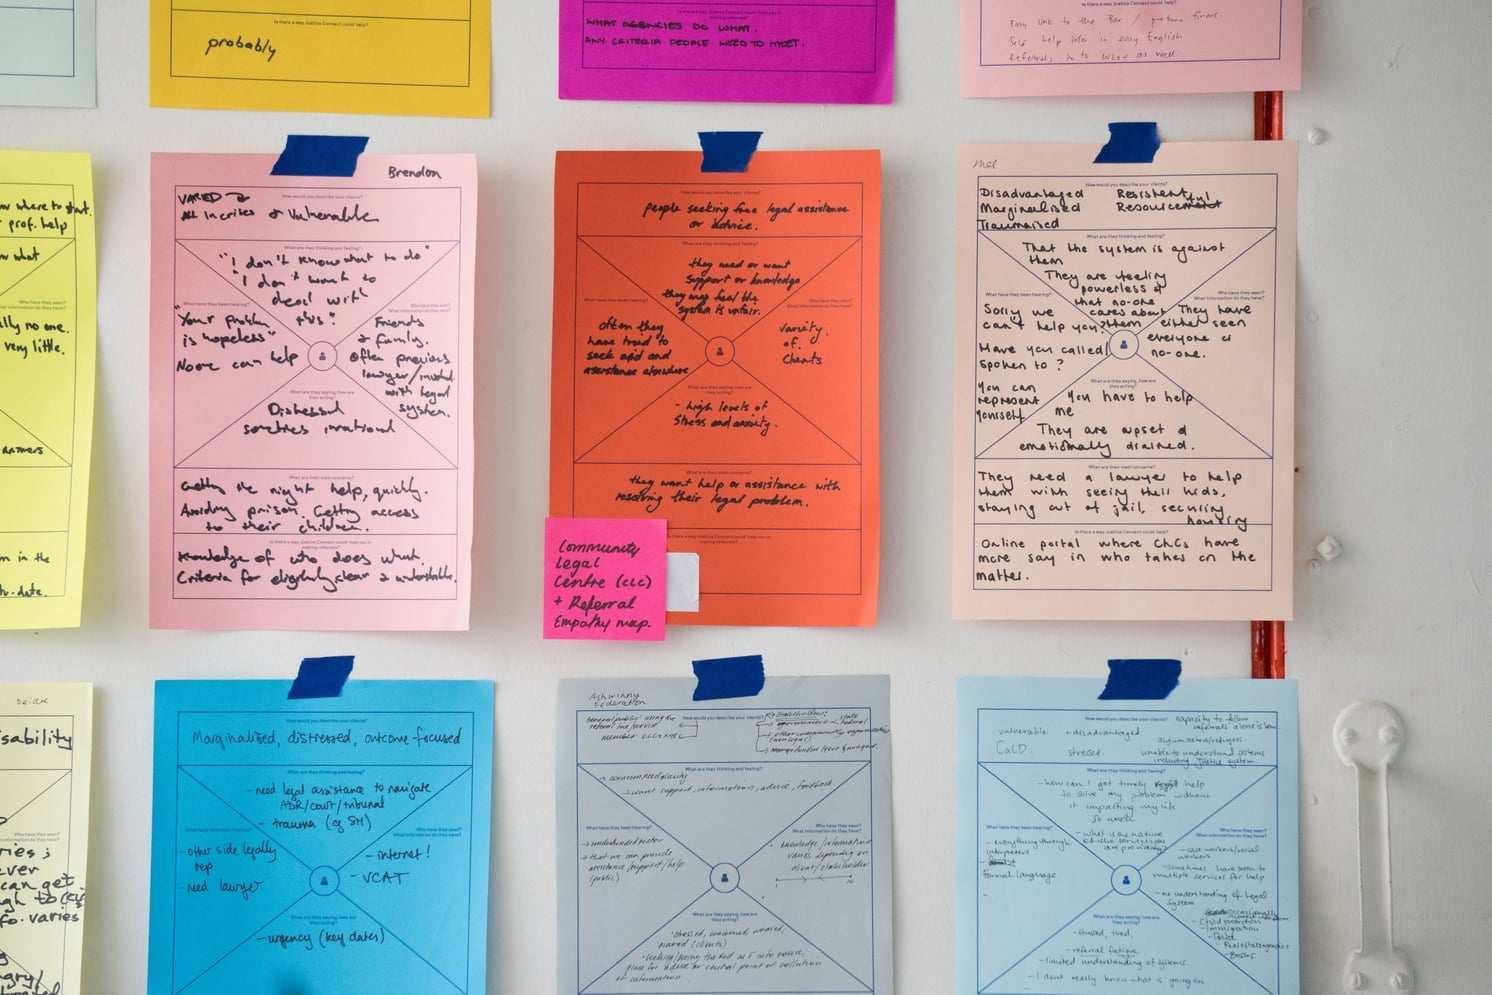 In 7 Schritten Zum Erfolgreichen Change Management Prozess